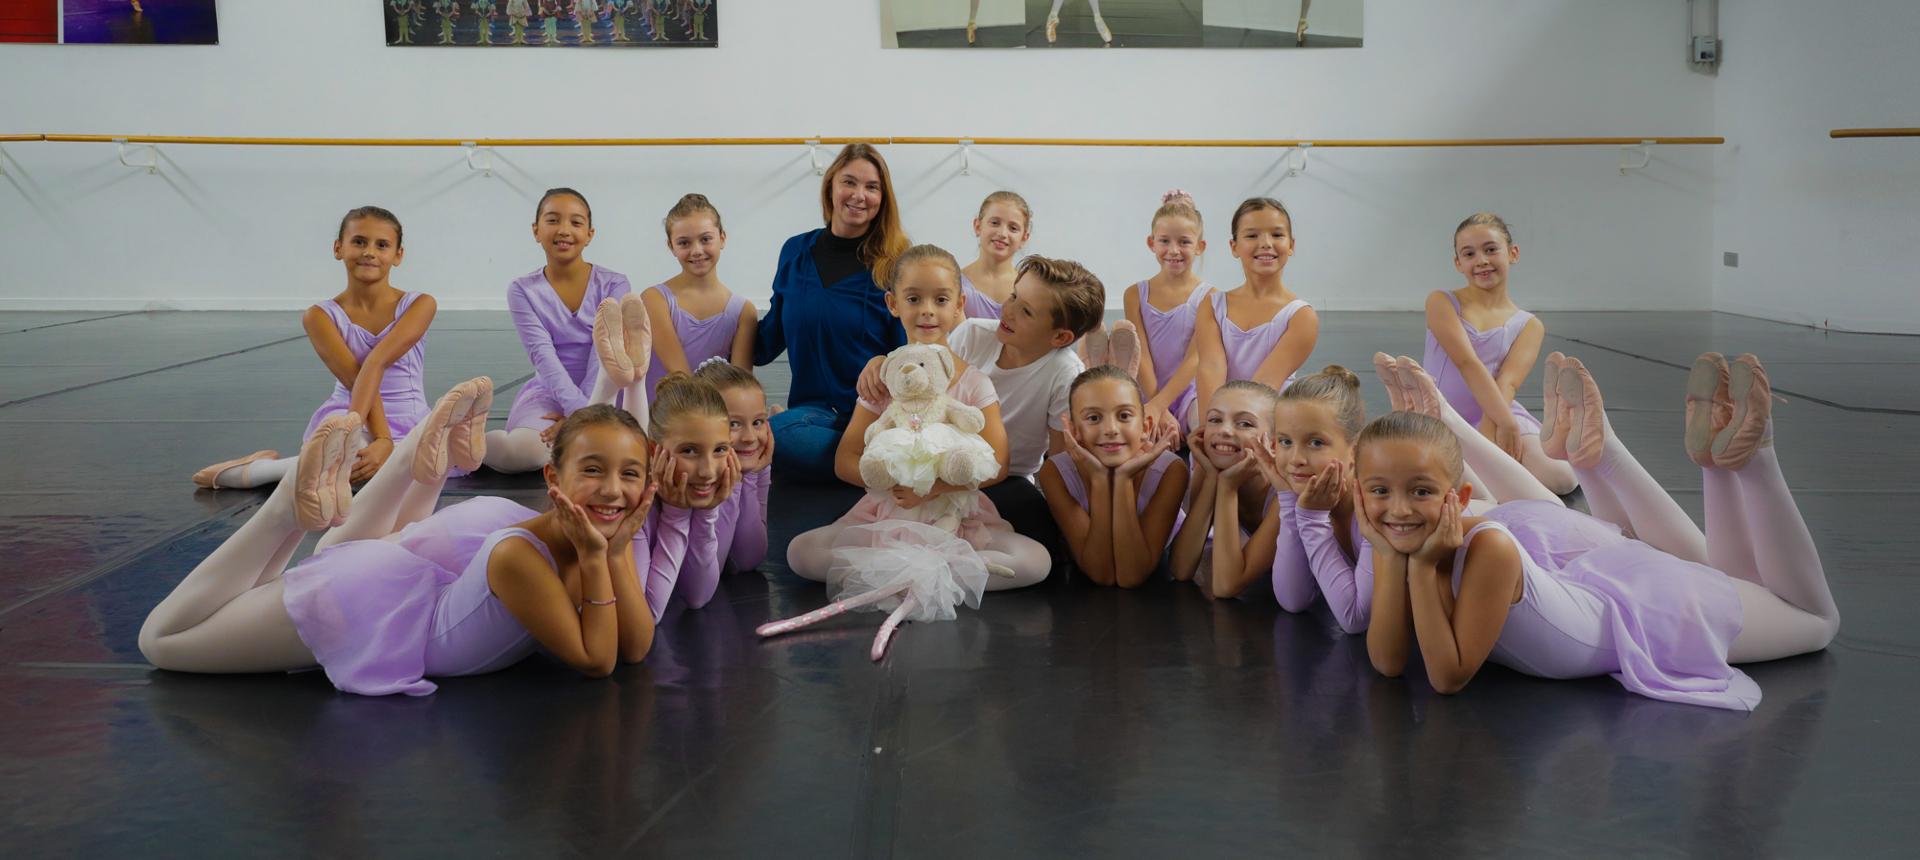 Corso di danza per bambini della nostra scuola di danza